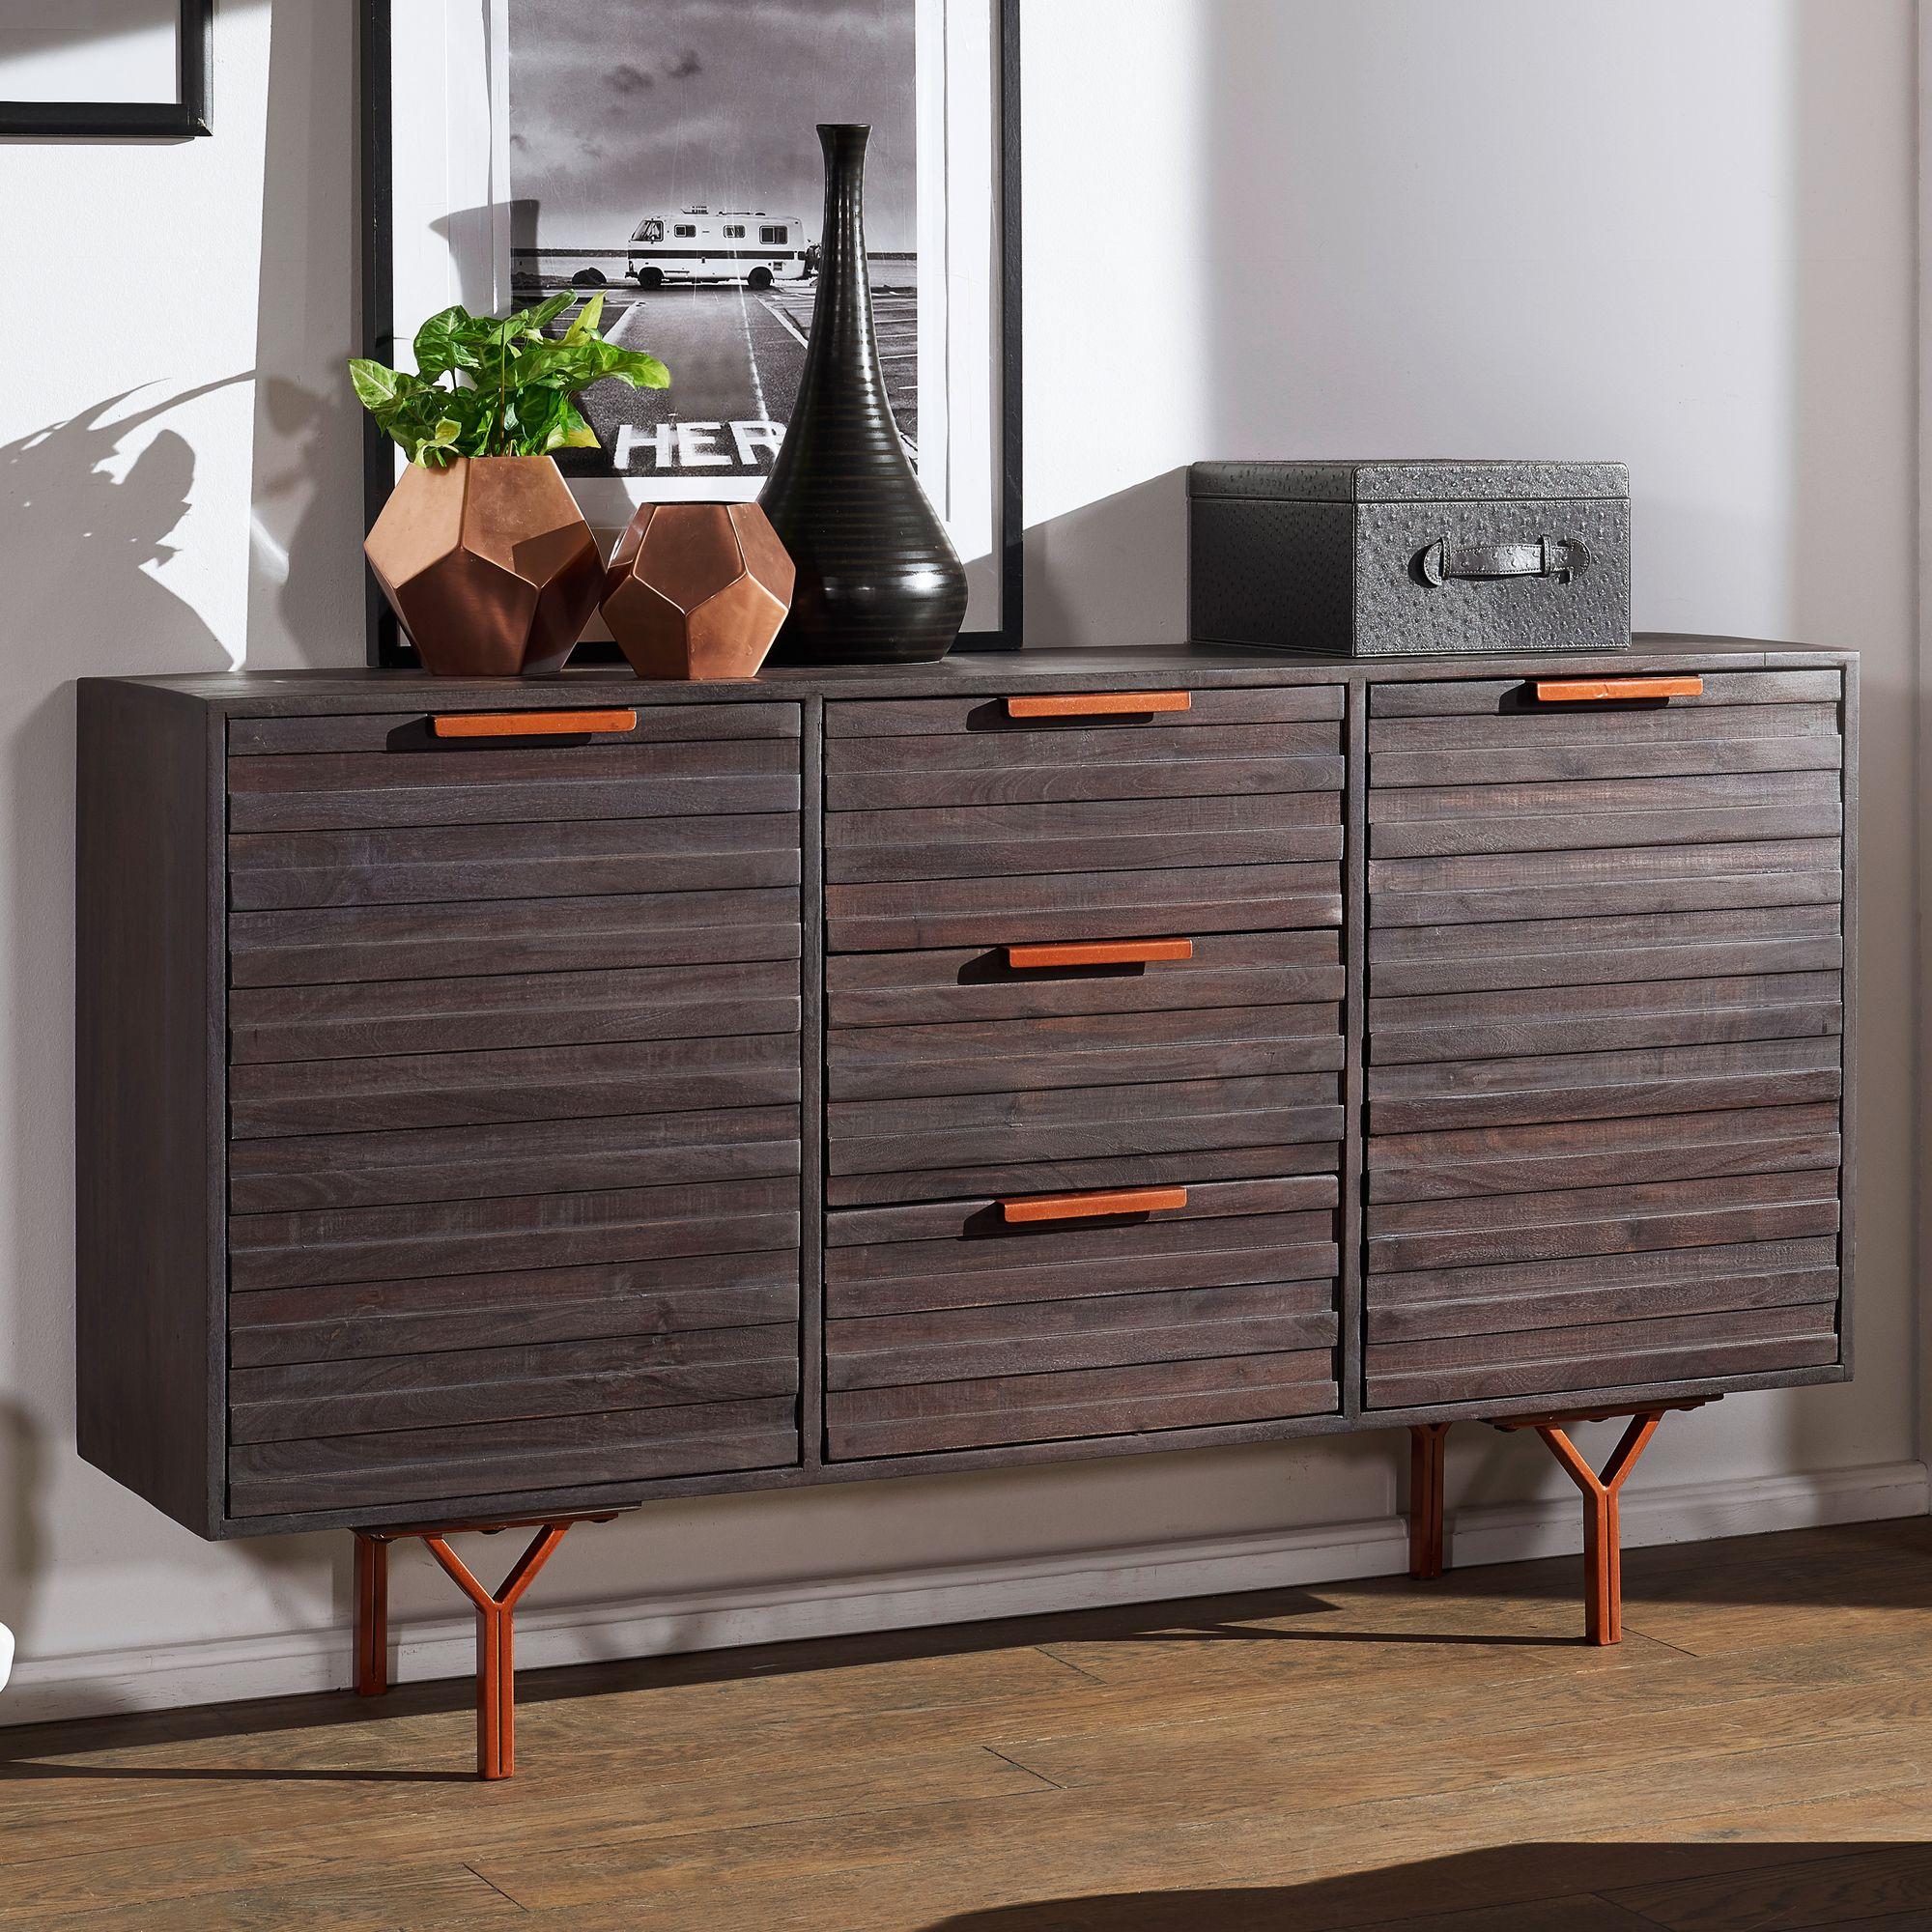 Meuble D Entrée Industriel dewas 160x93x40 cm buffet armoire en acacia en bois massif gris ; commode  de style industriel avec 3 tiroirs et 2 portes ; meuble d'entrée bois